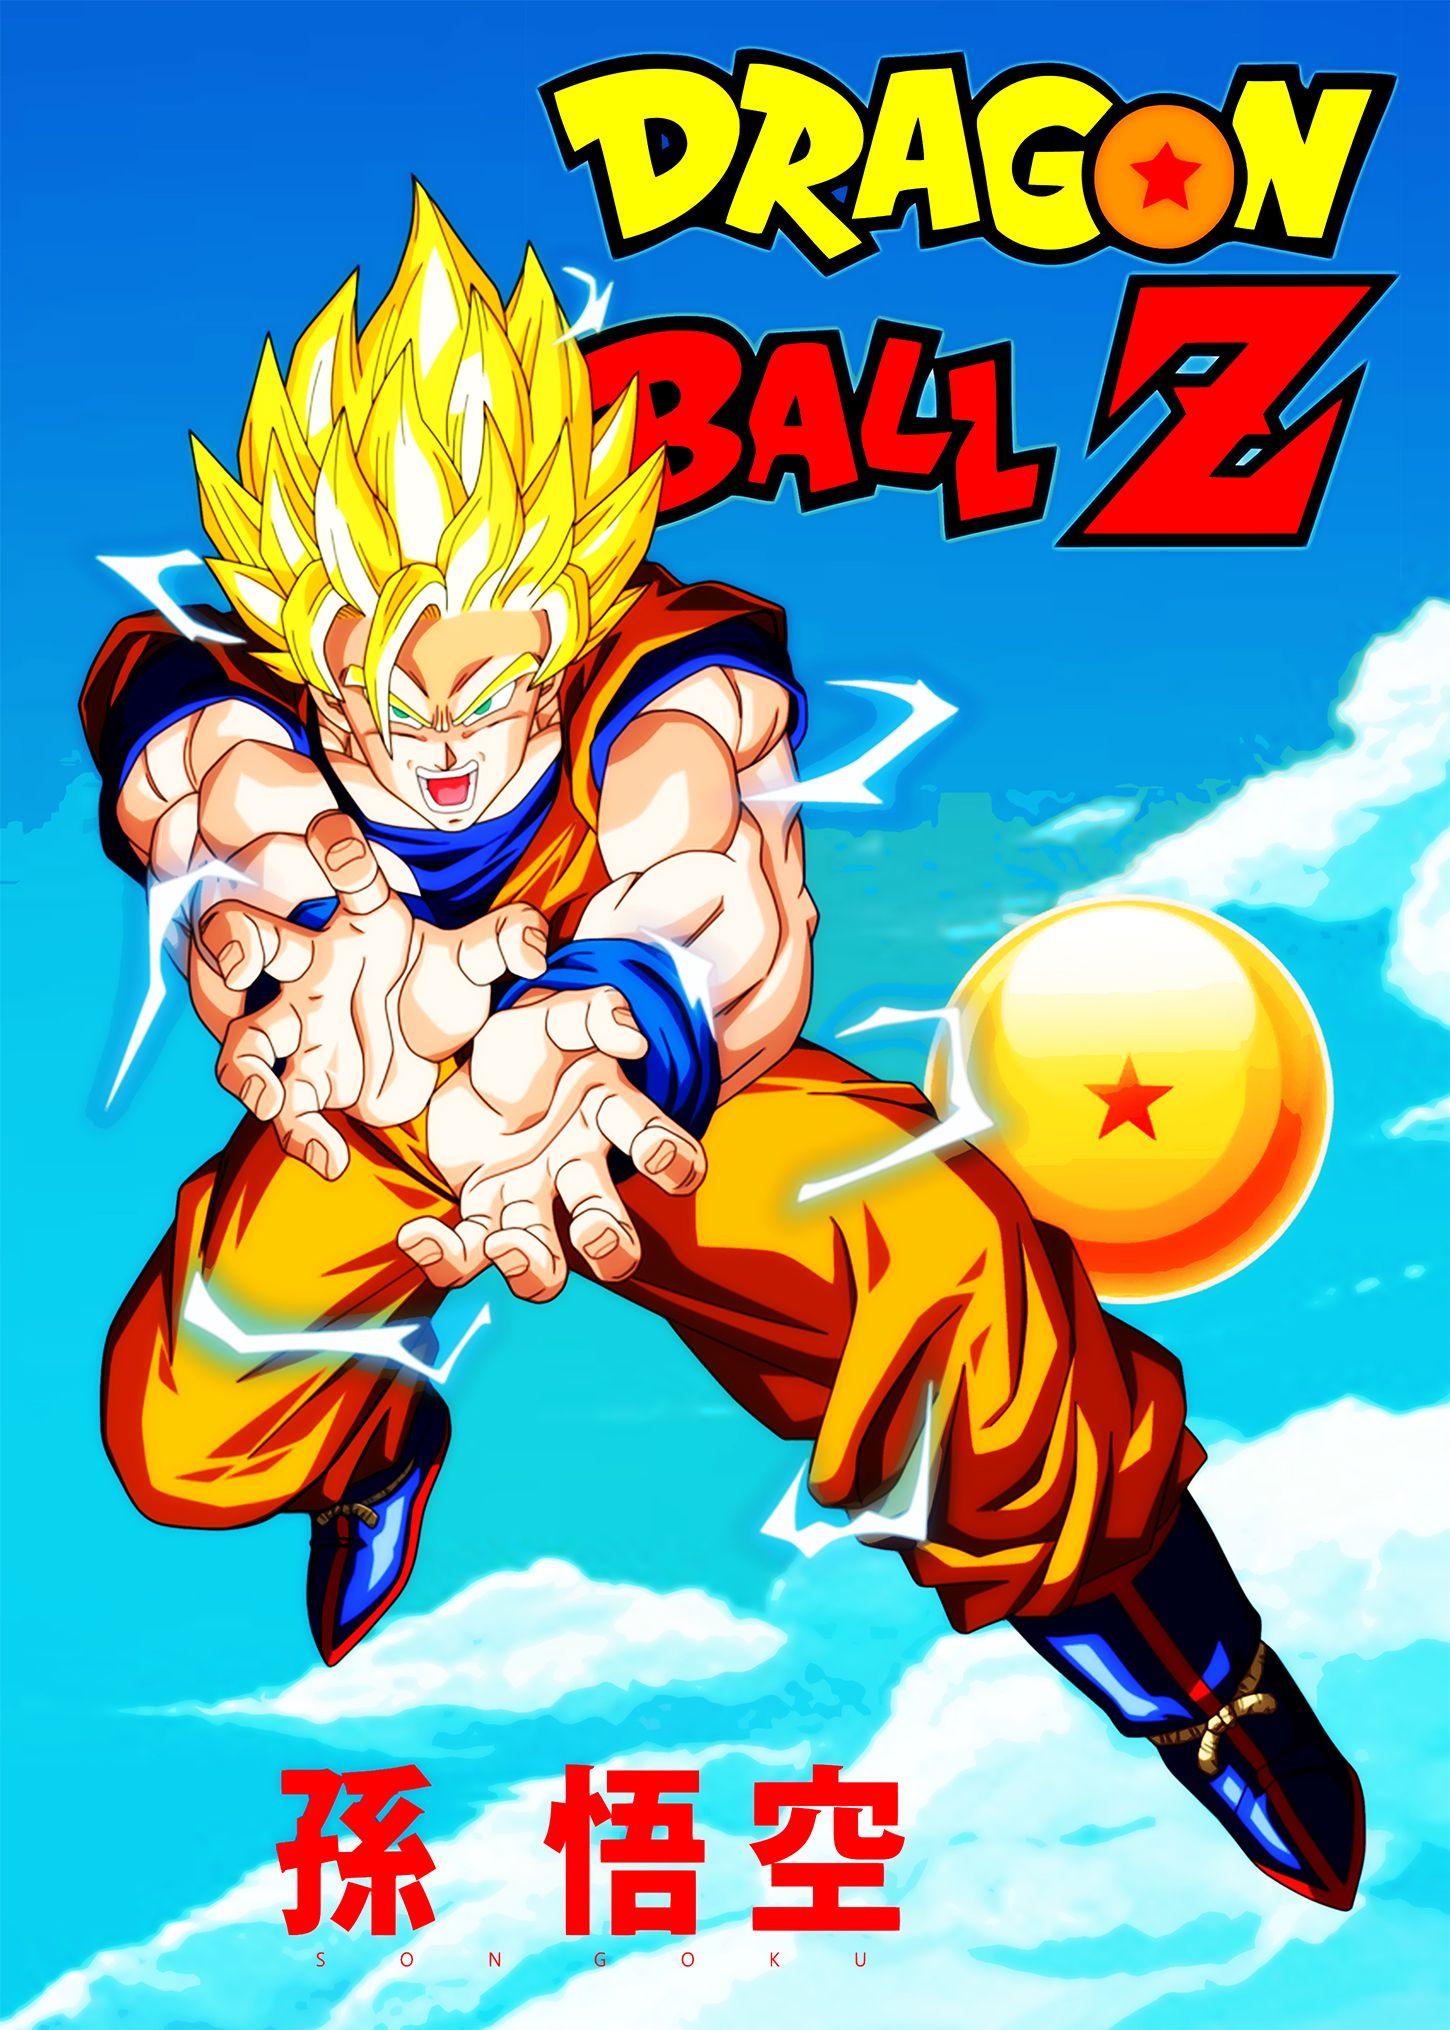 Son Goku Anime Poster Dragon Ball Z in 2020 Anime, Anime